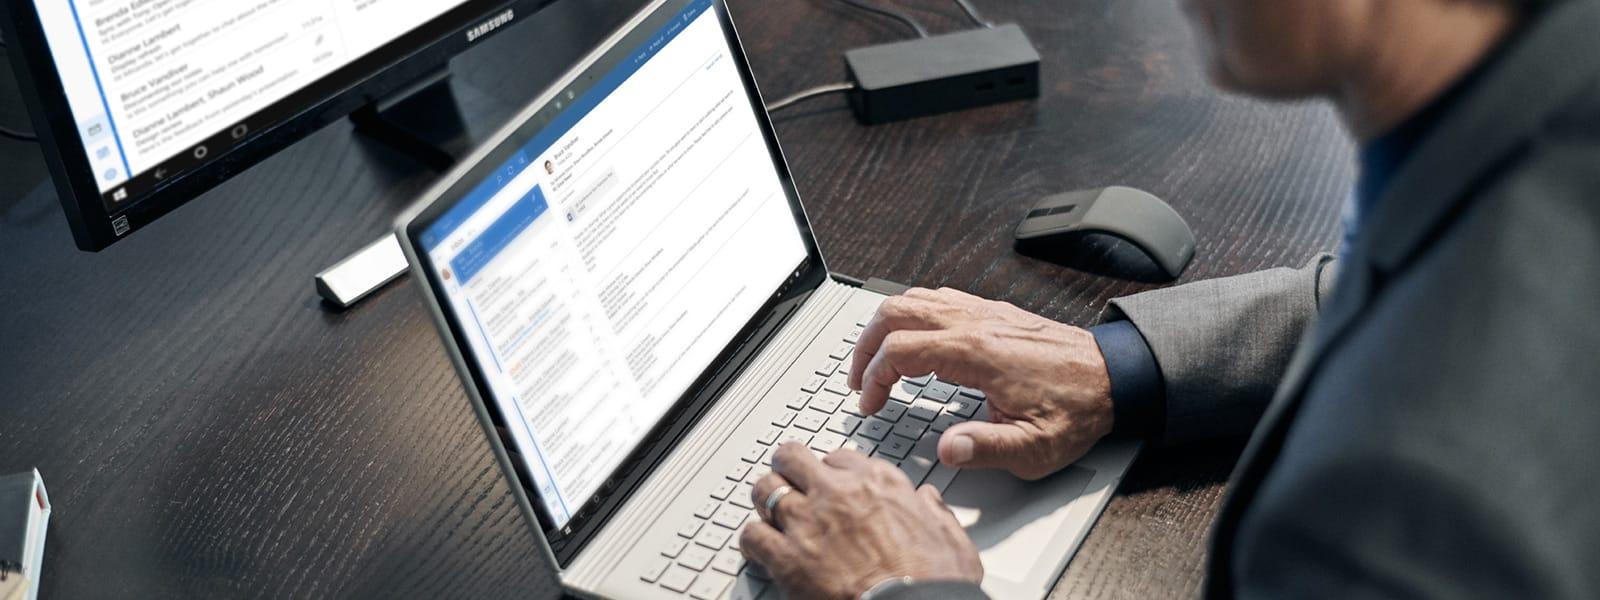 正以安全的方式查看電子郵件的商人